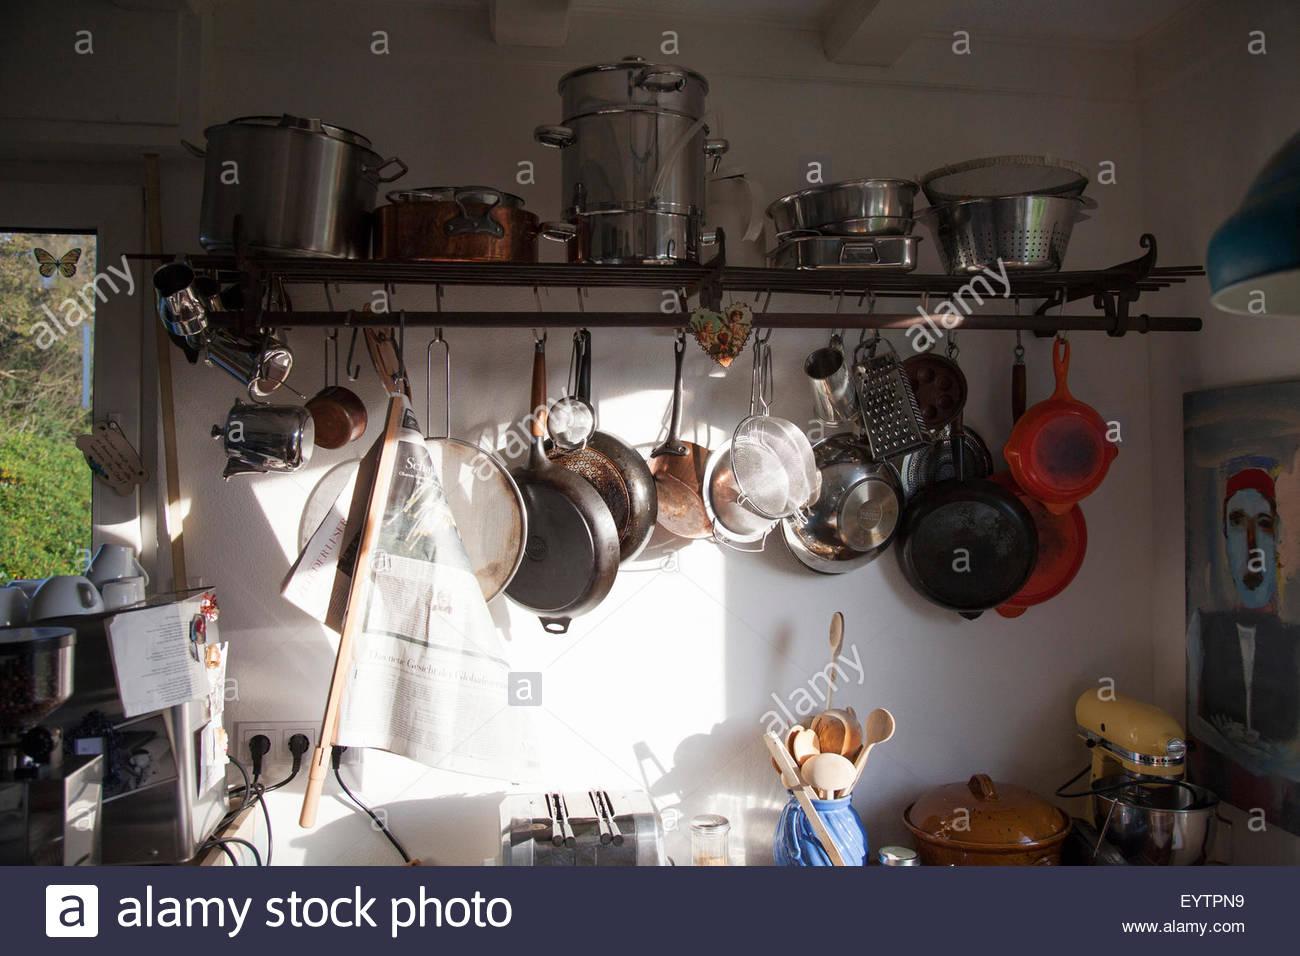 Full Size of Hngeregal In Der Kche Stockfoto Einlegeböden Küche Hochglanz Weiss Mit Elektrogeräten Günstig Nolte Mobile Einbauküche Handtuchhalter Nobilia Lampen Wohnzimmer Küche Hängeregal